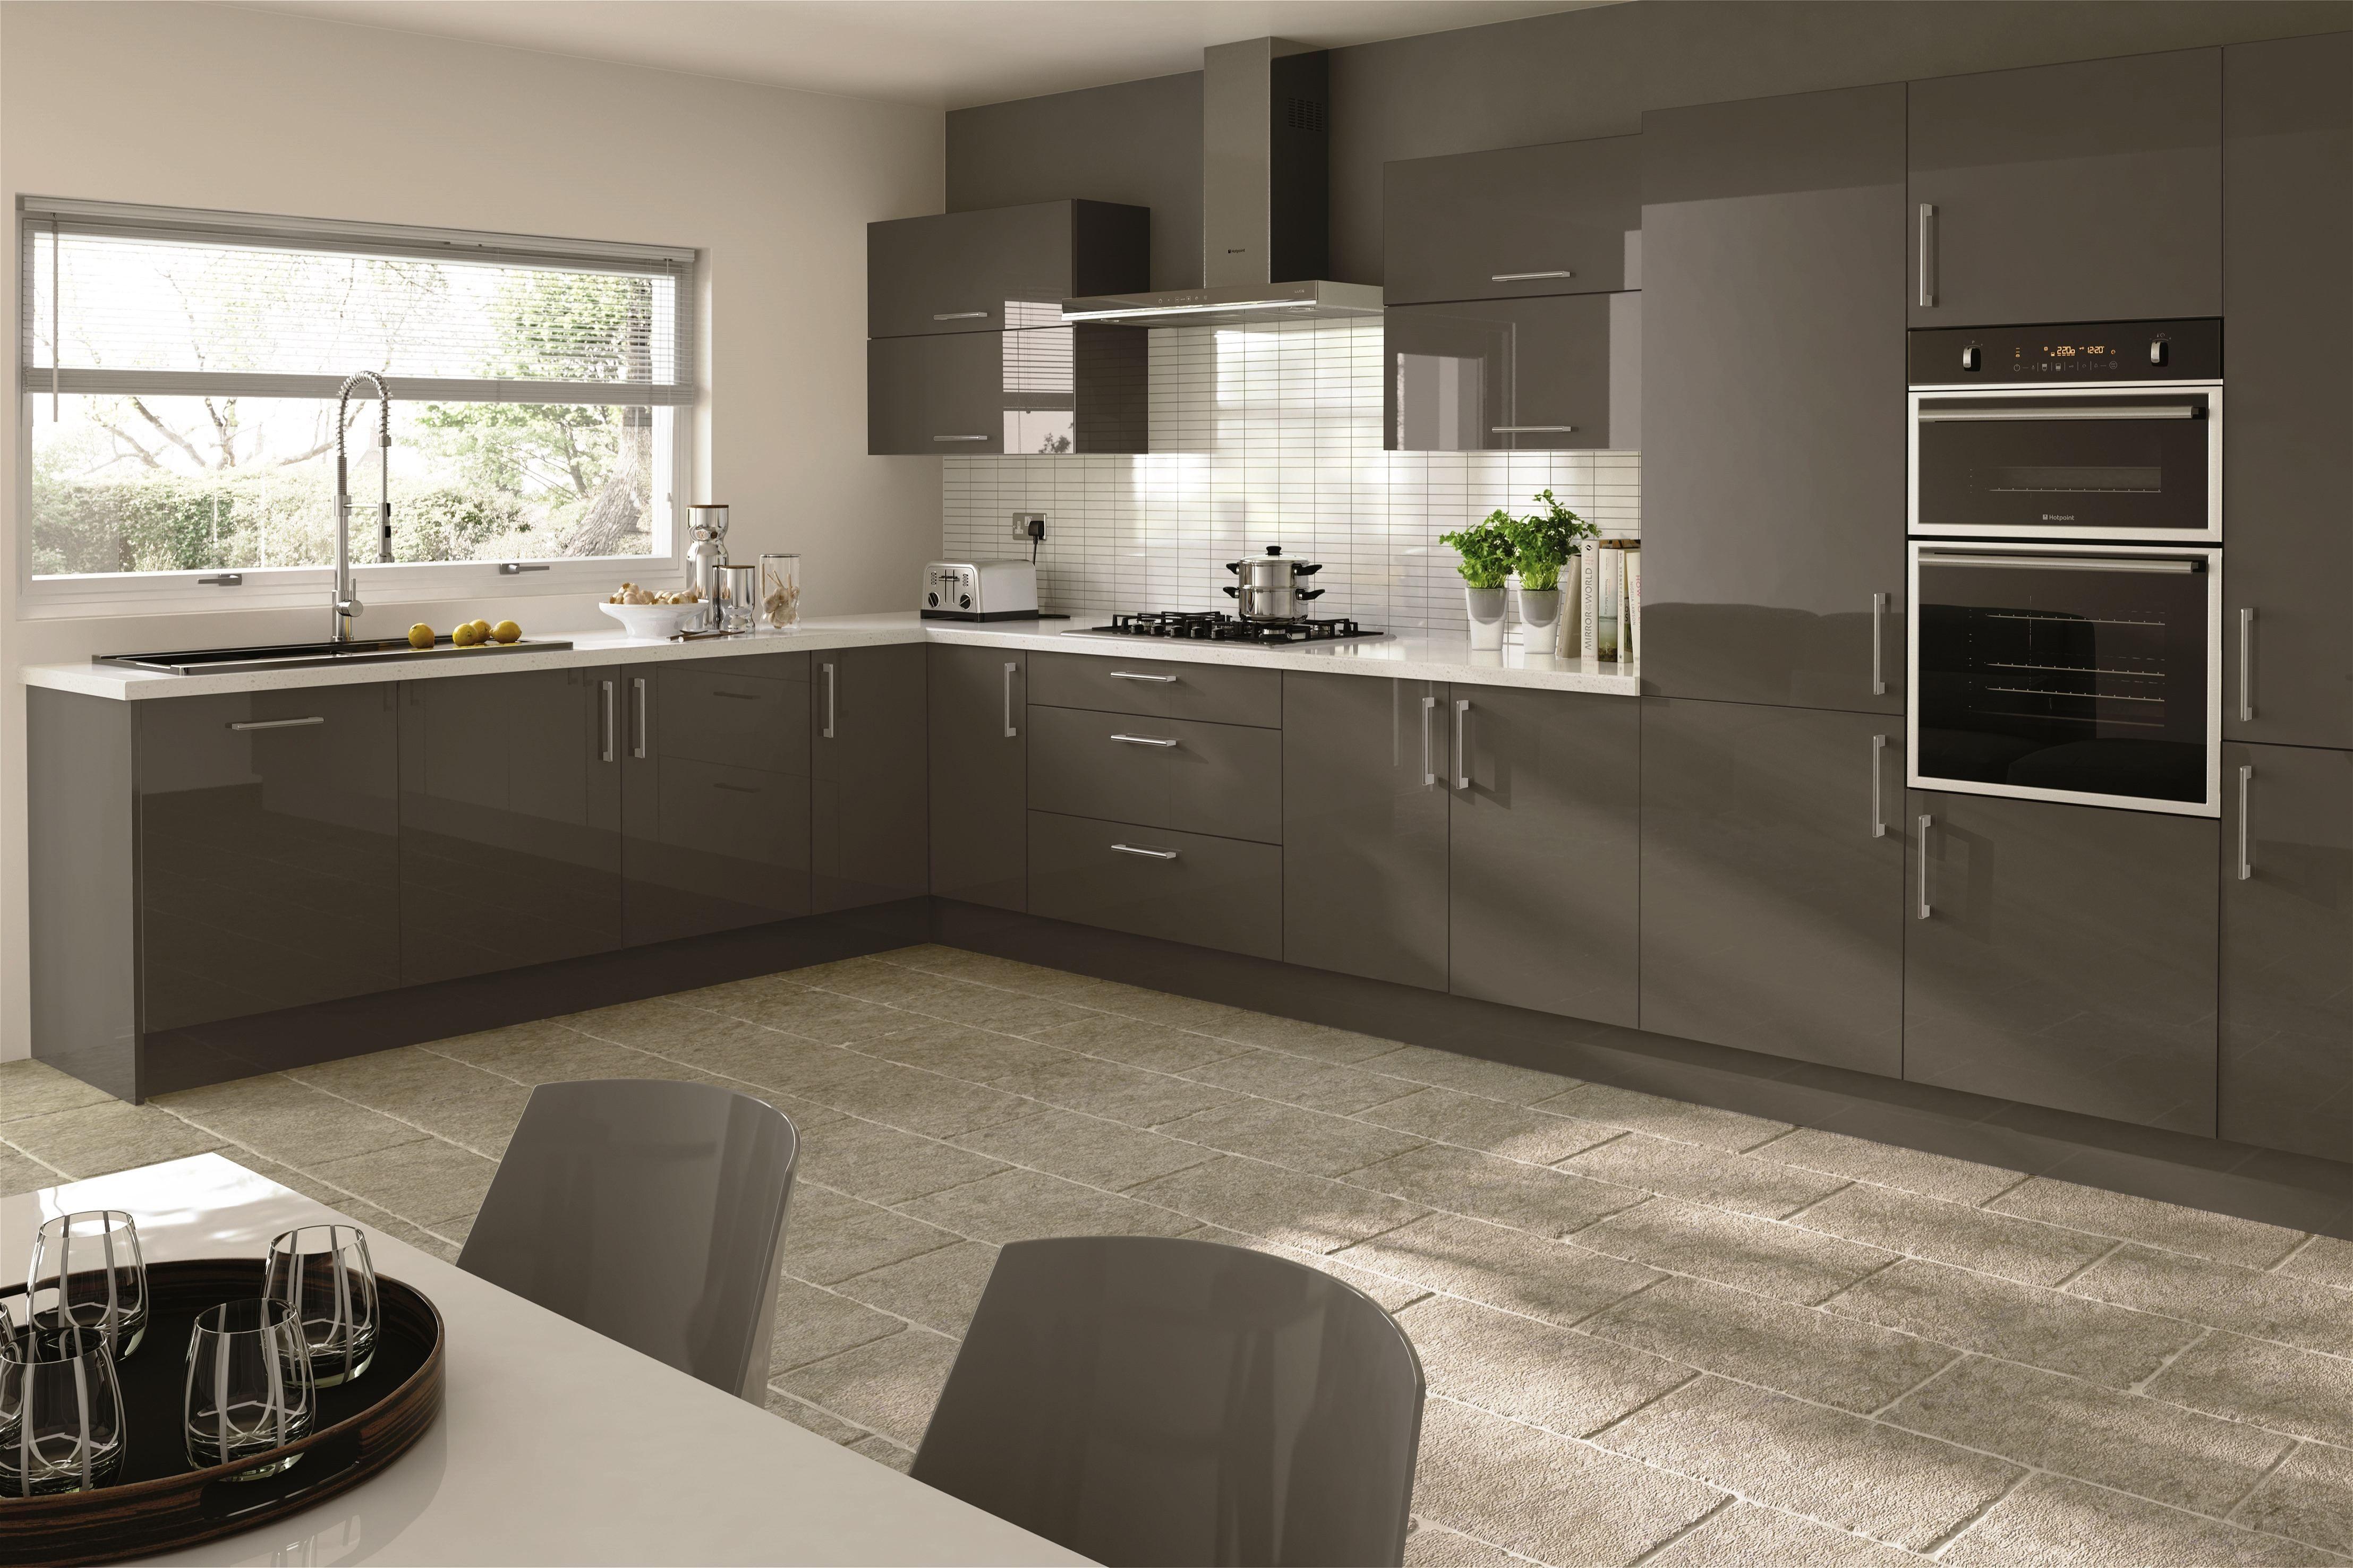 Kitchen Design Ideas Uk 2015 in 2020 Replacement kitchen